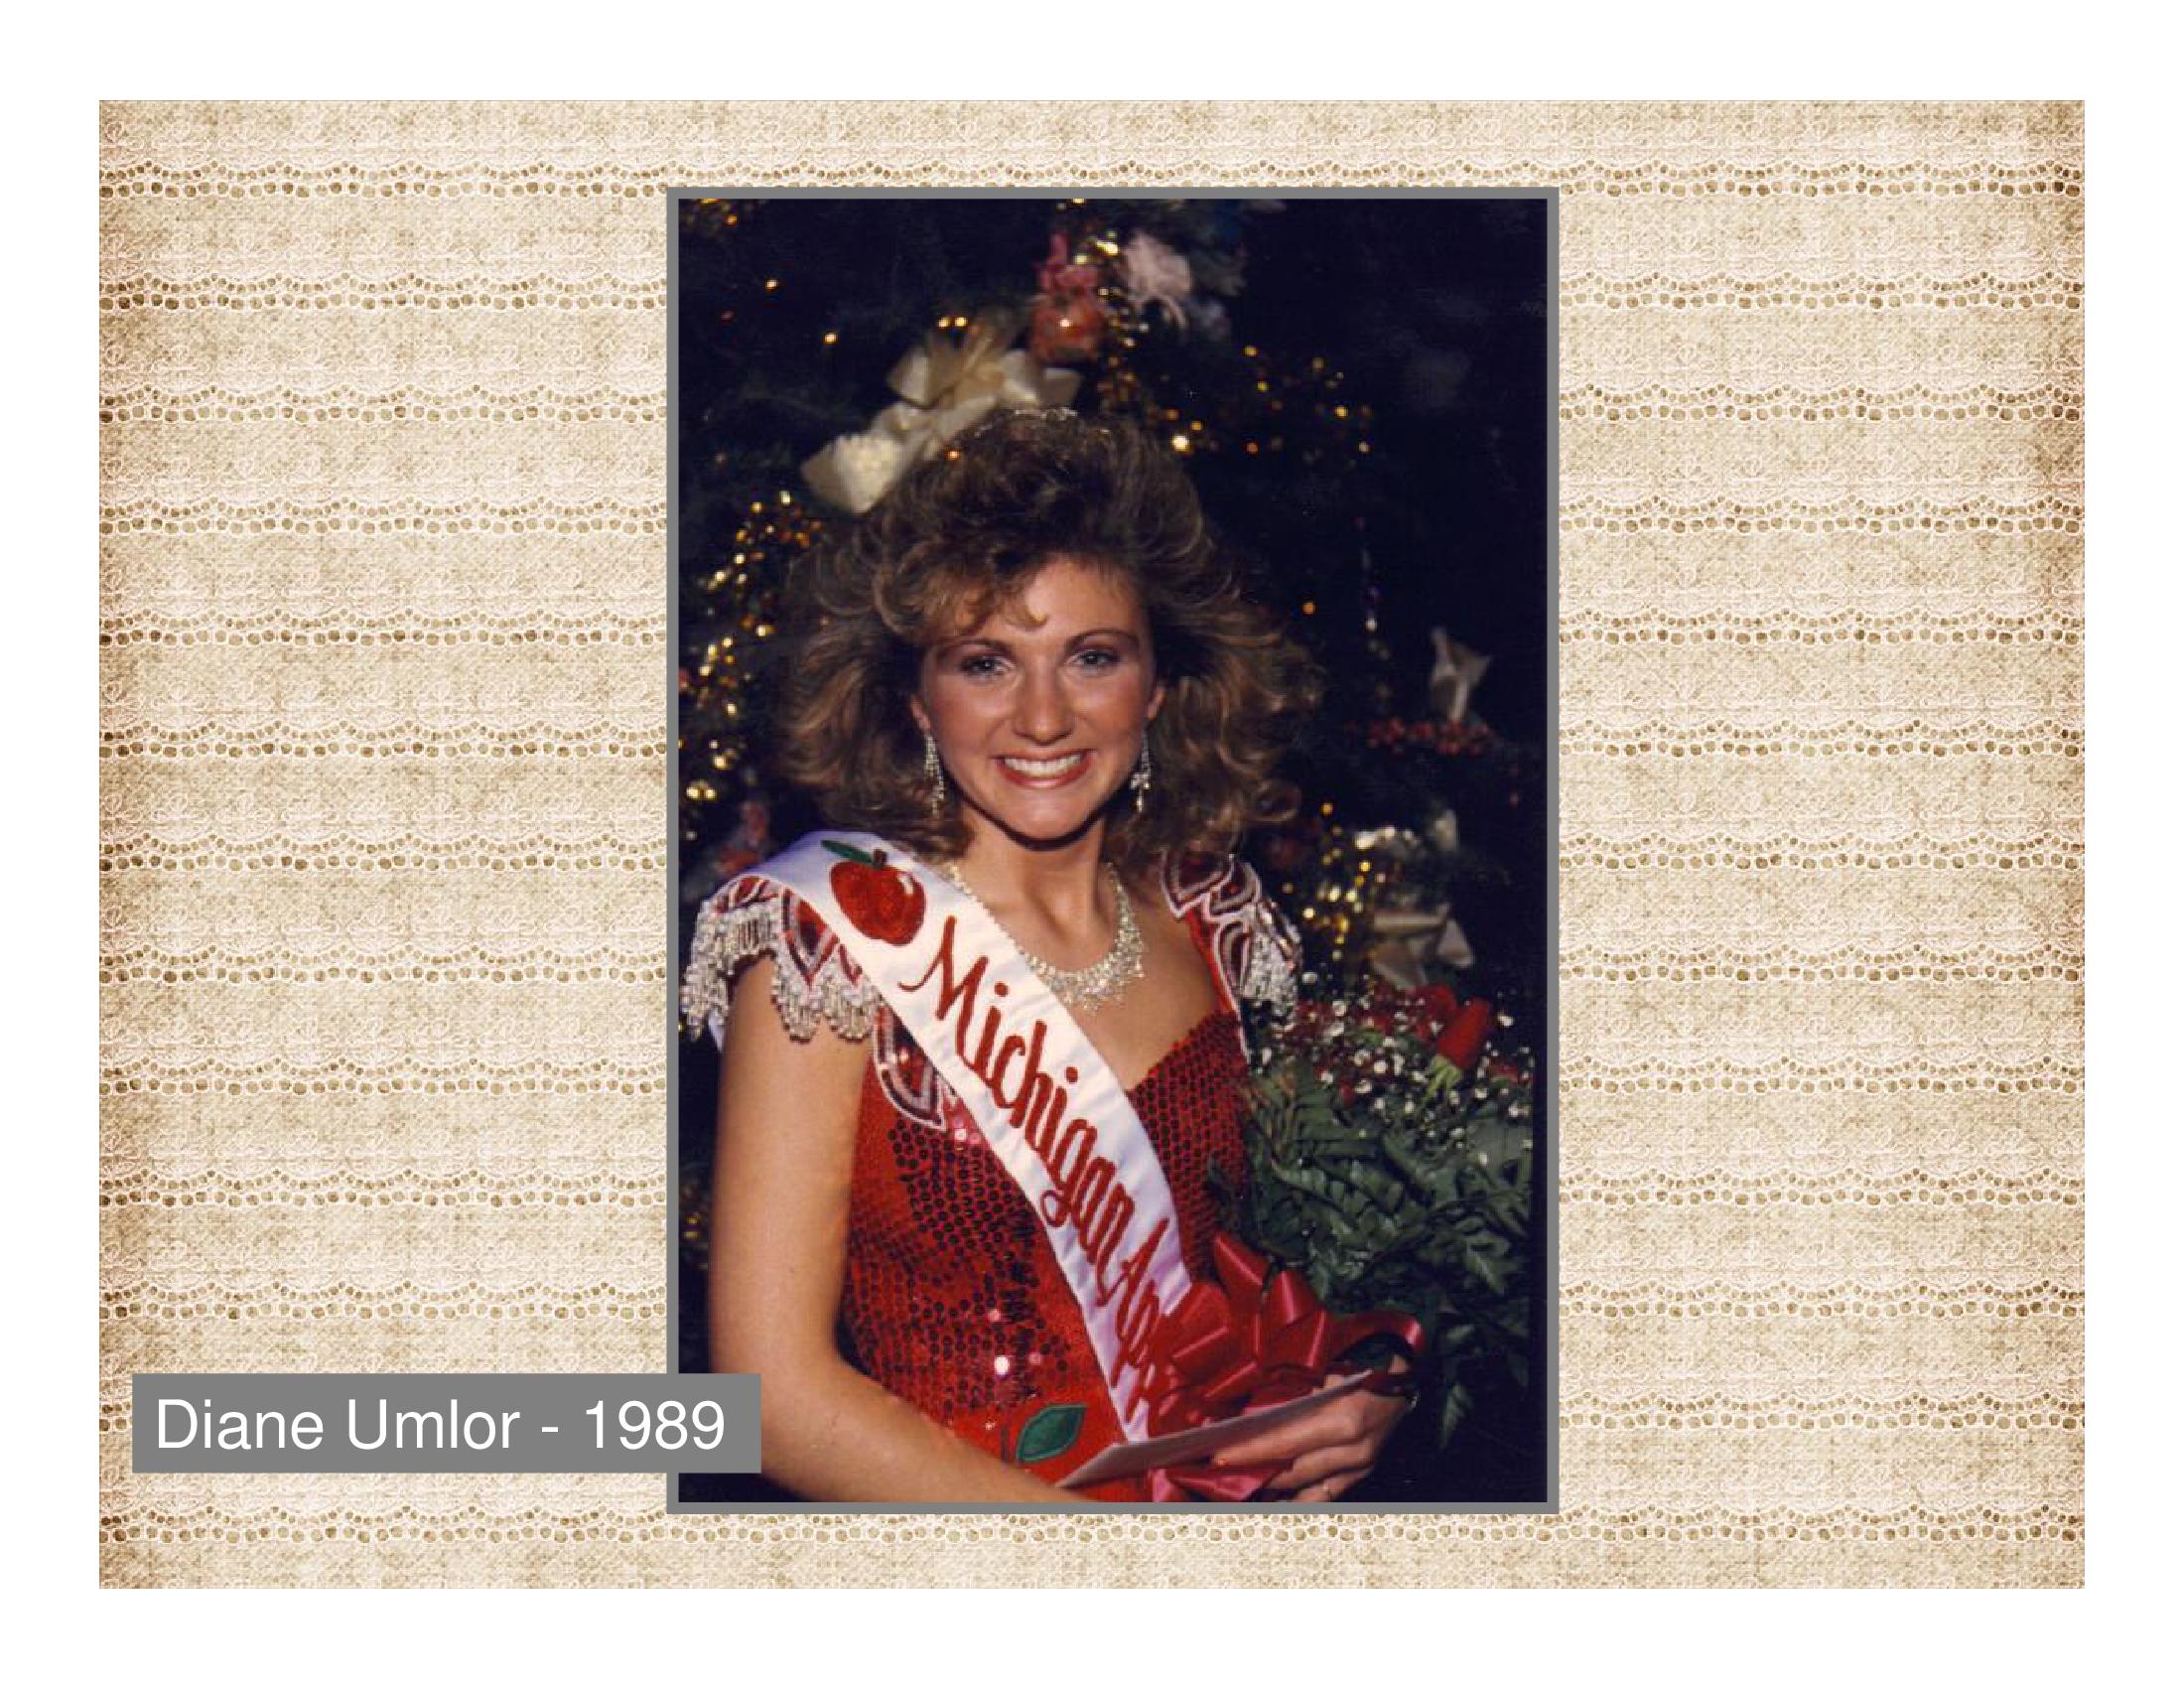 Diane Umlor - 1989